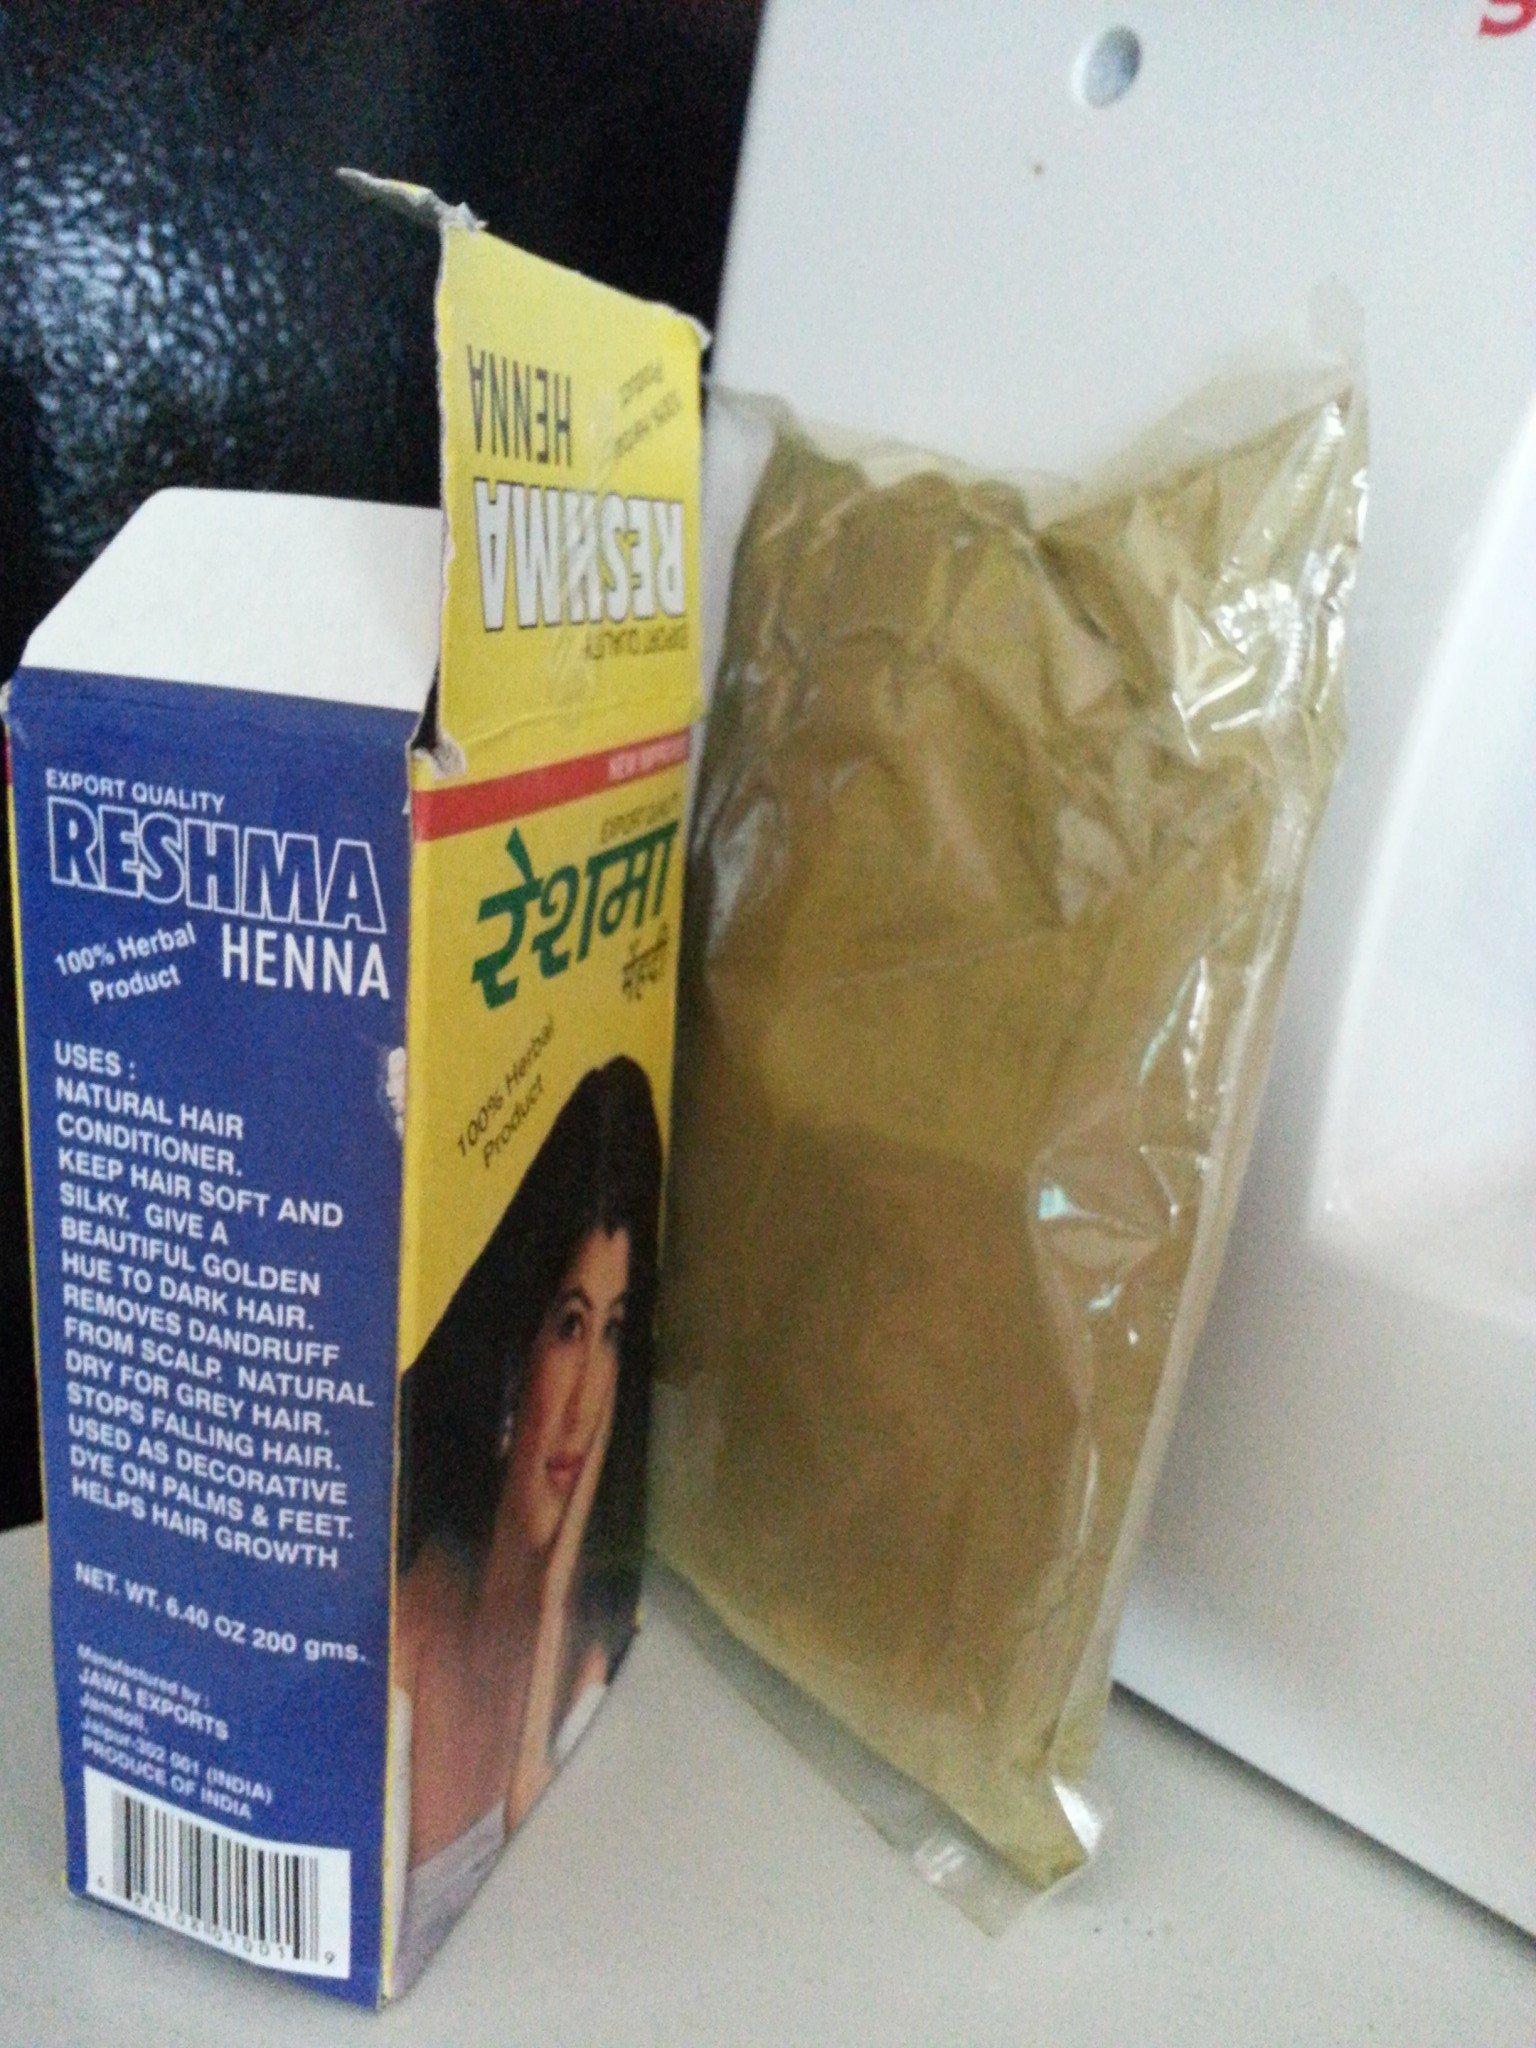 Reshma Henna Brand